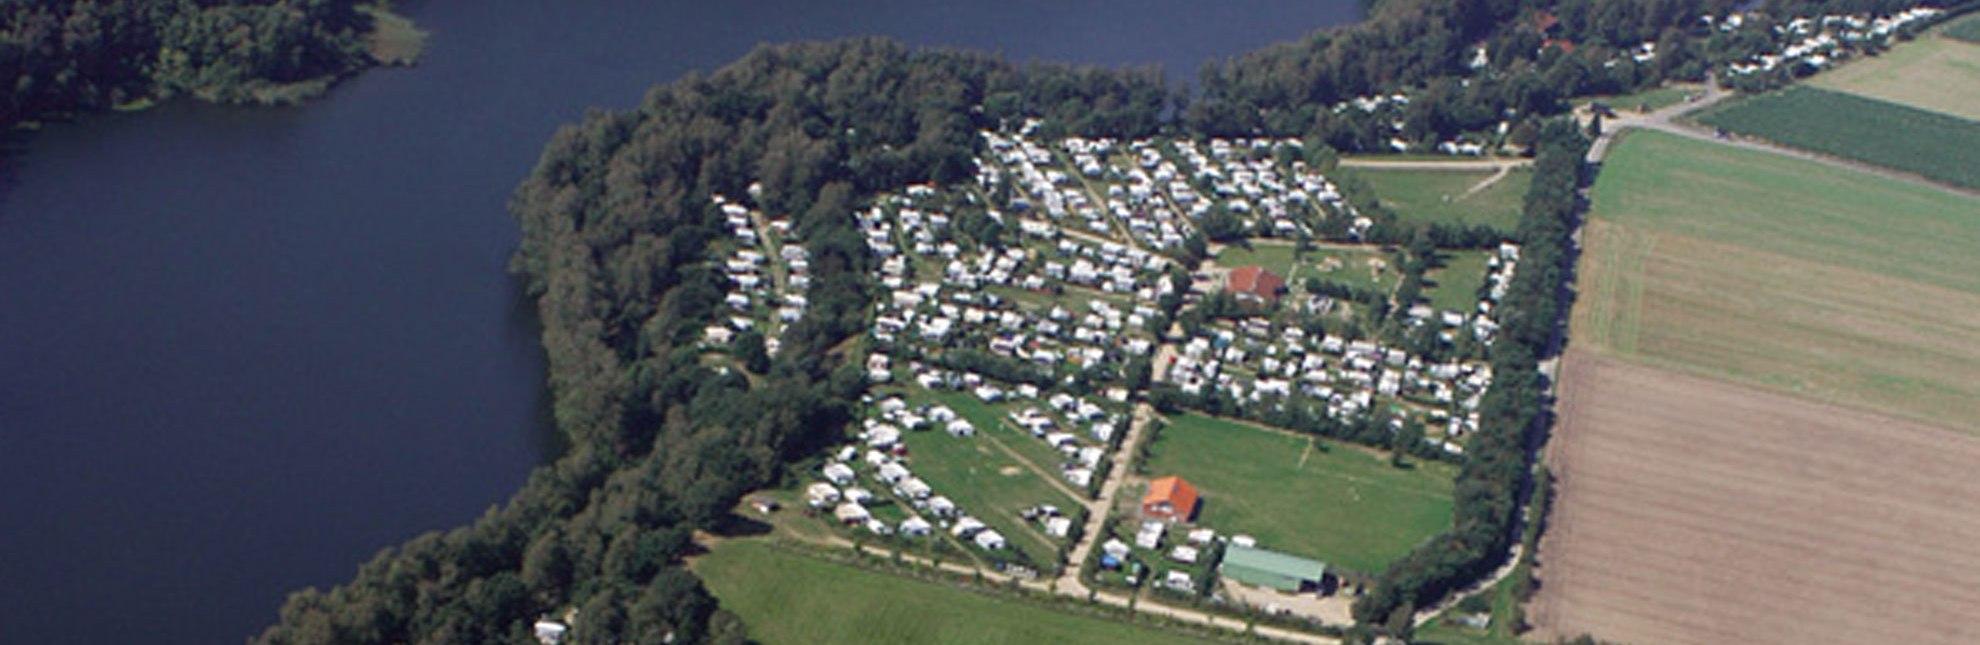 Campingplatz im Herzogtum Lauenburg, © Campingplatz Salemer See